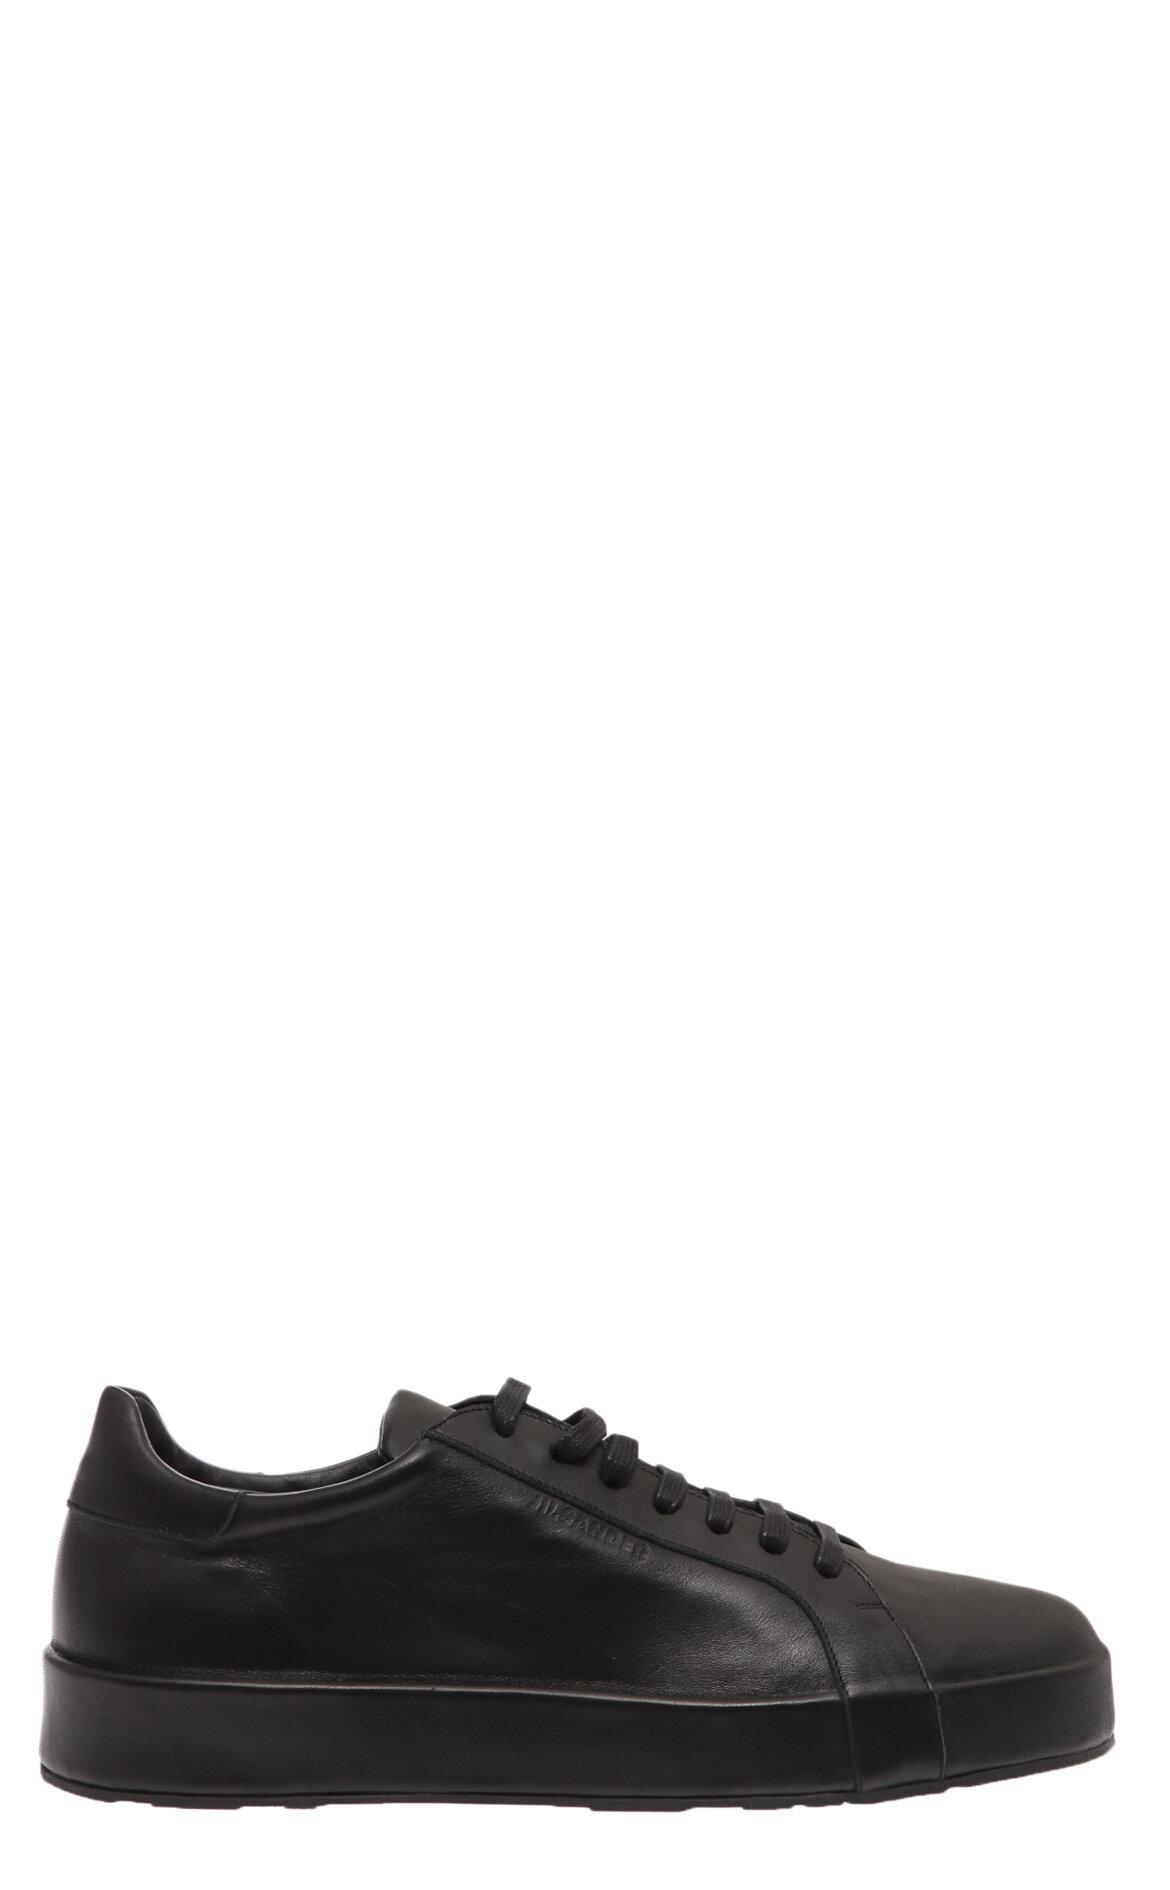 Jil Sander Spor Ayakkabı